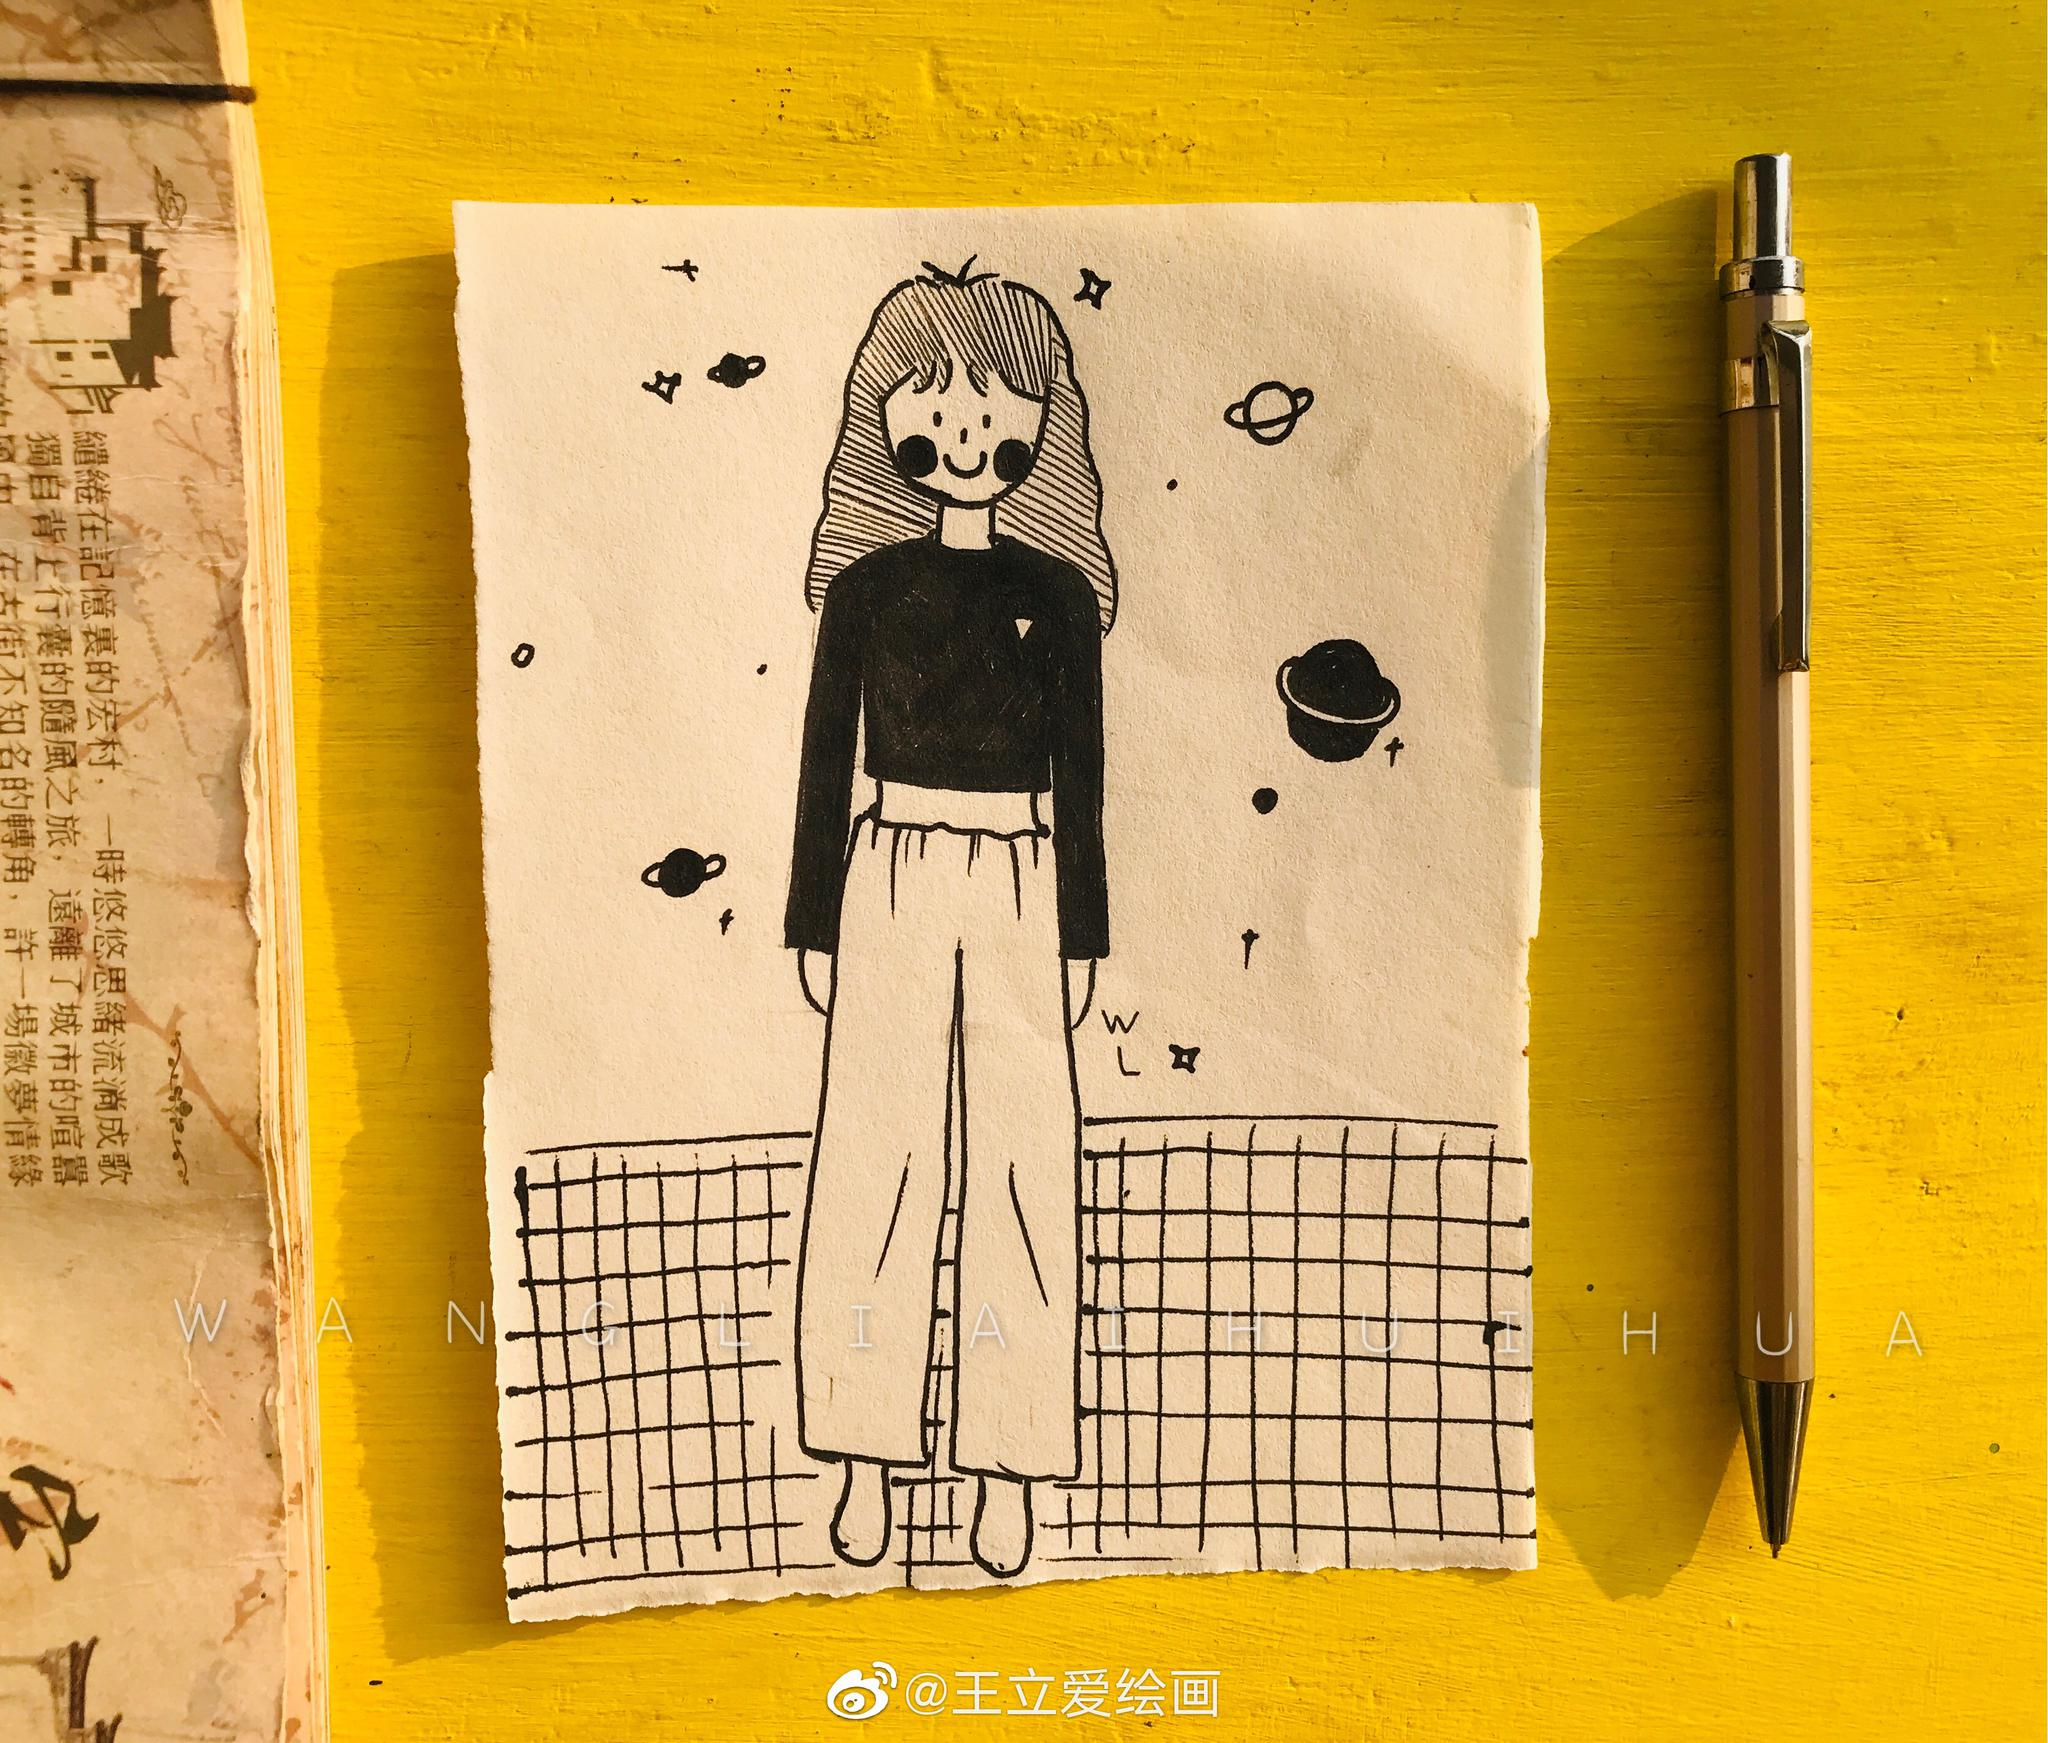 遇见春天的女孩 @王立爱绘画